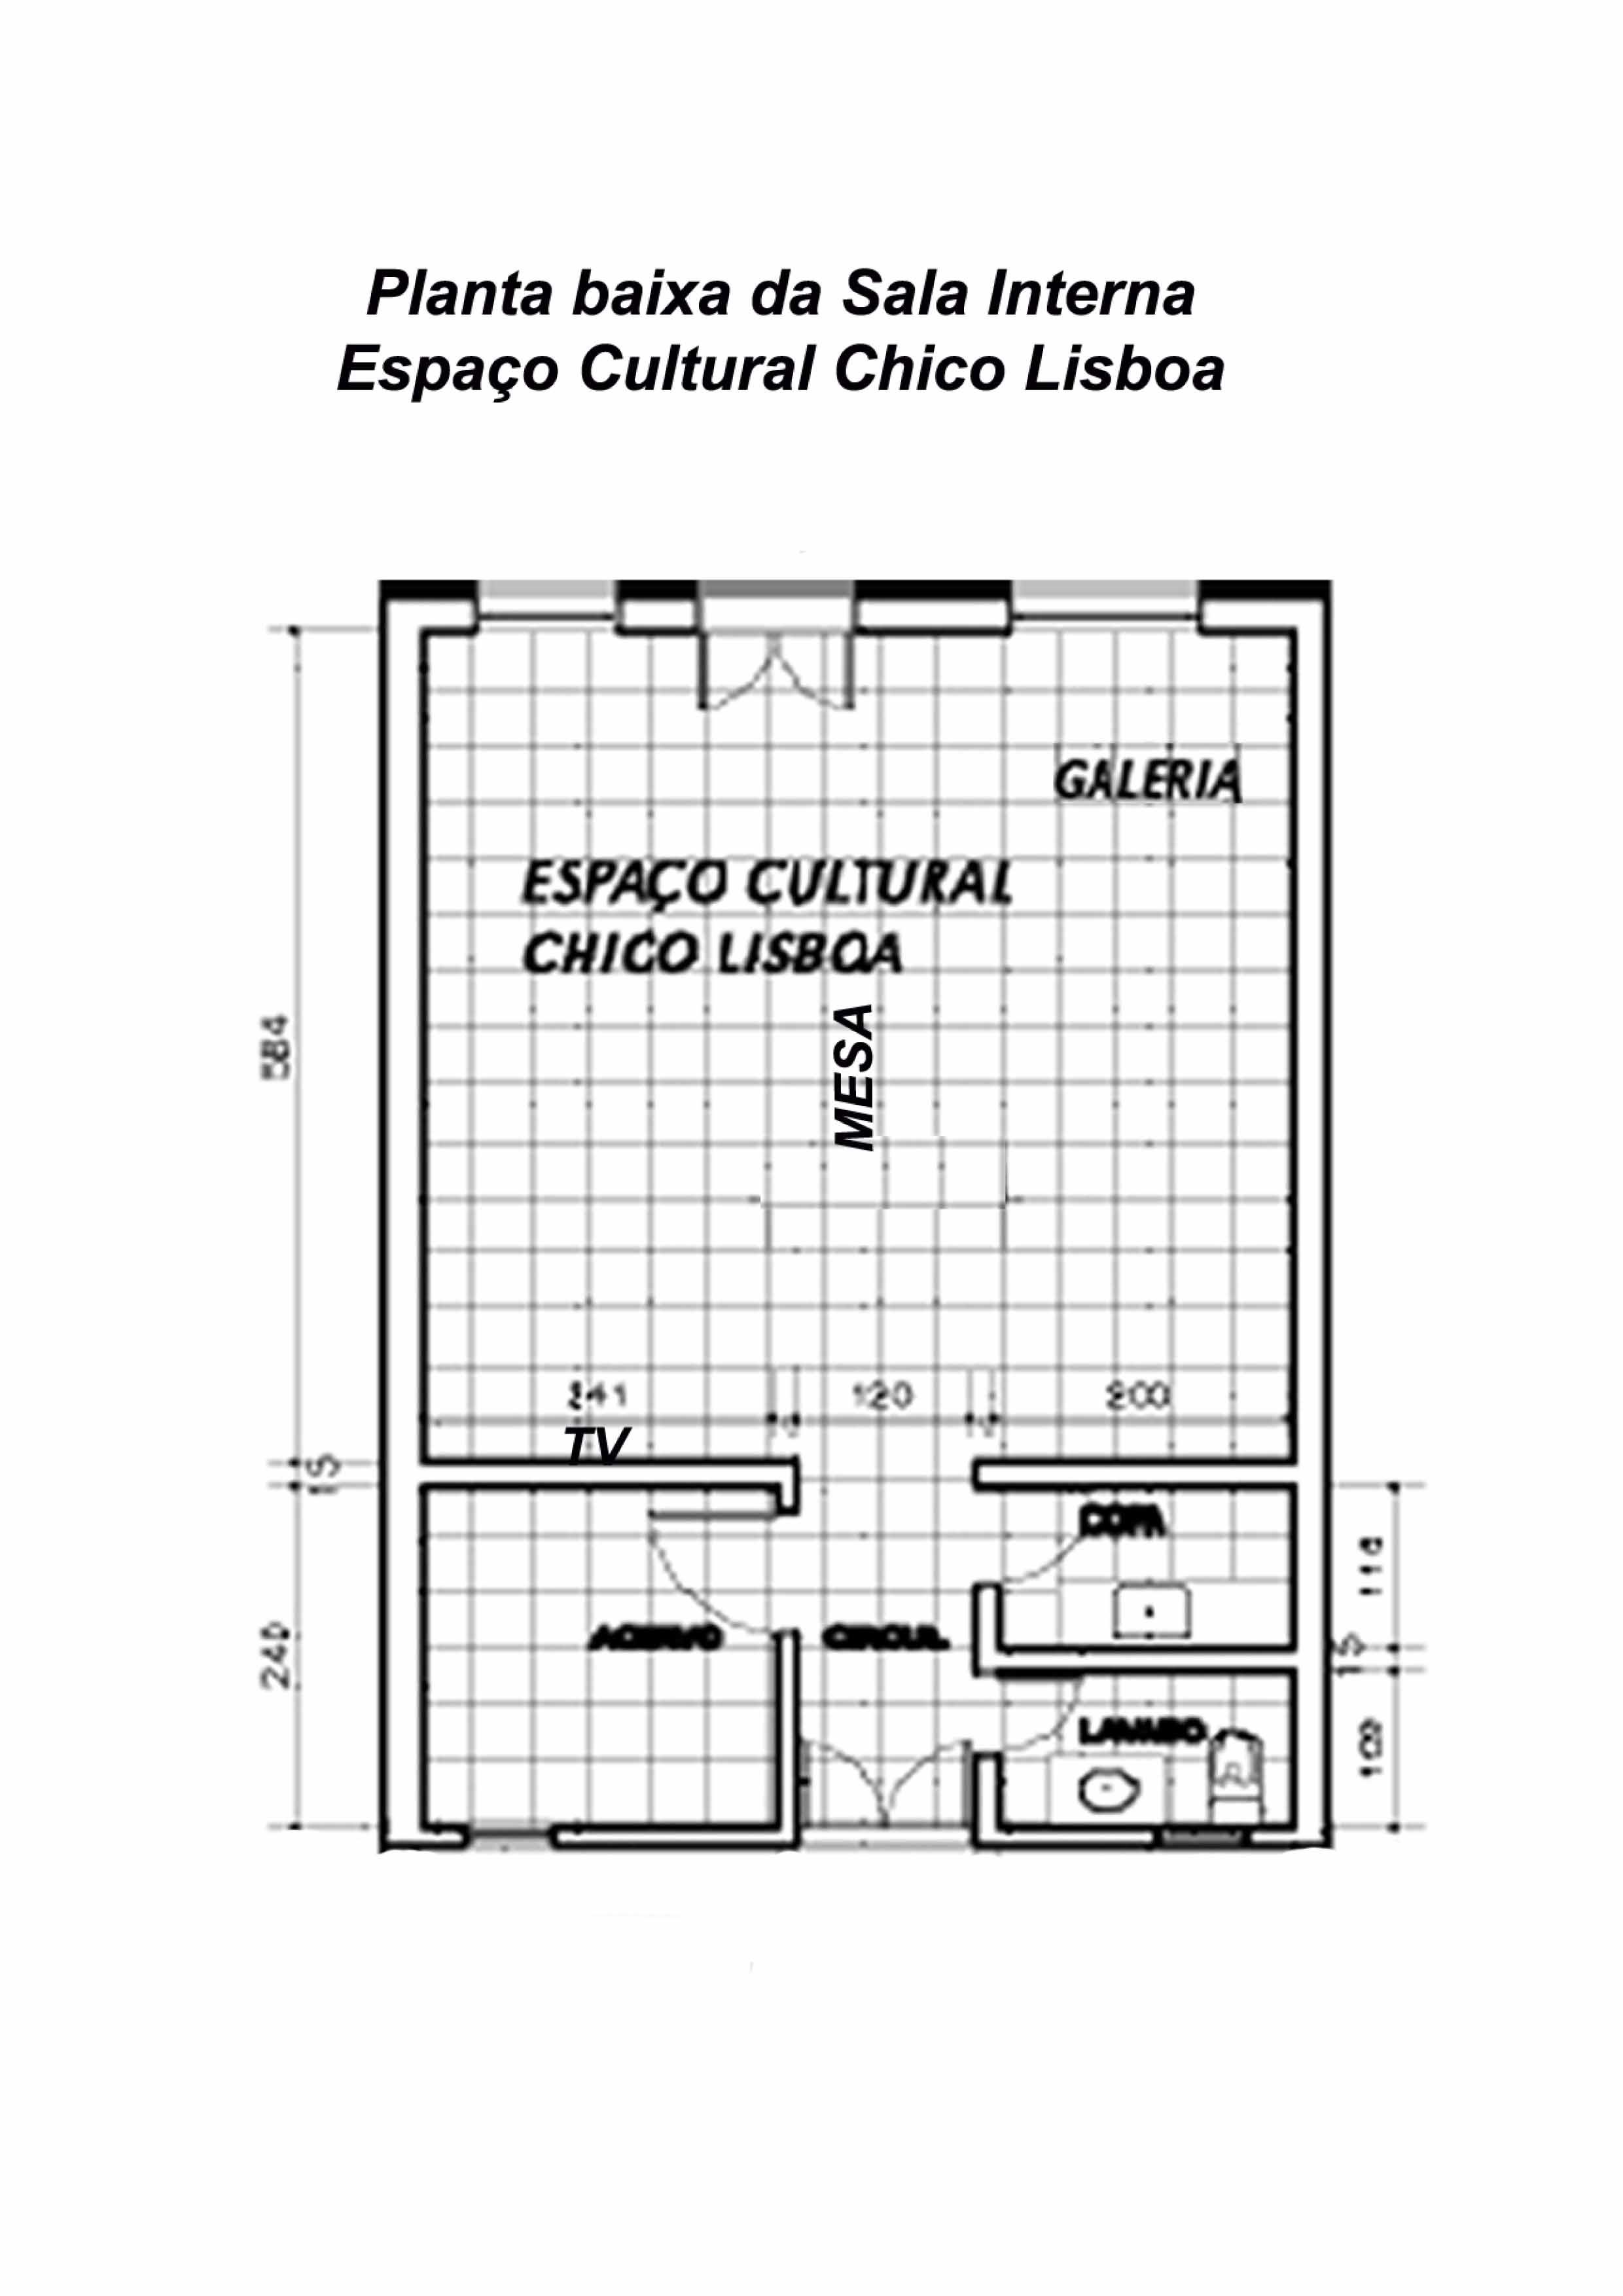 Planta do espaço cultural Chico Lisboa